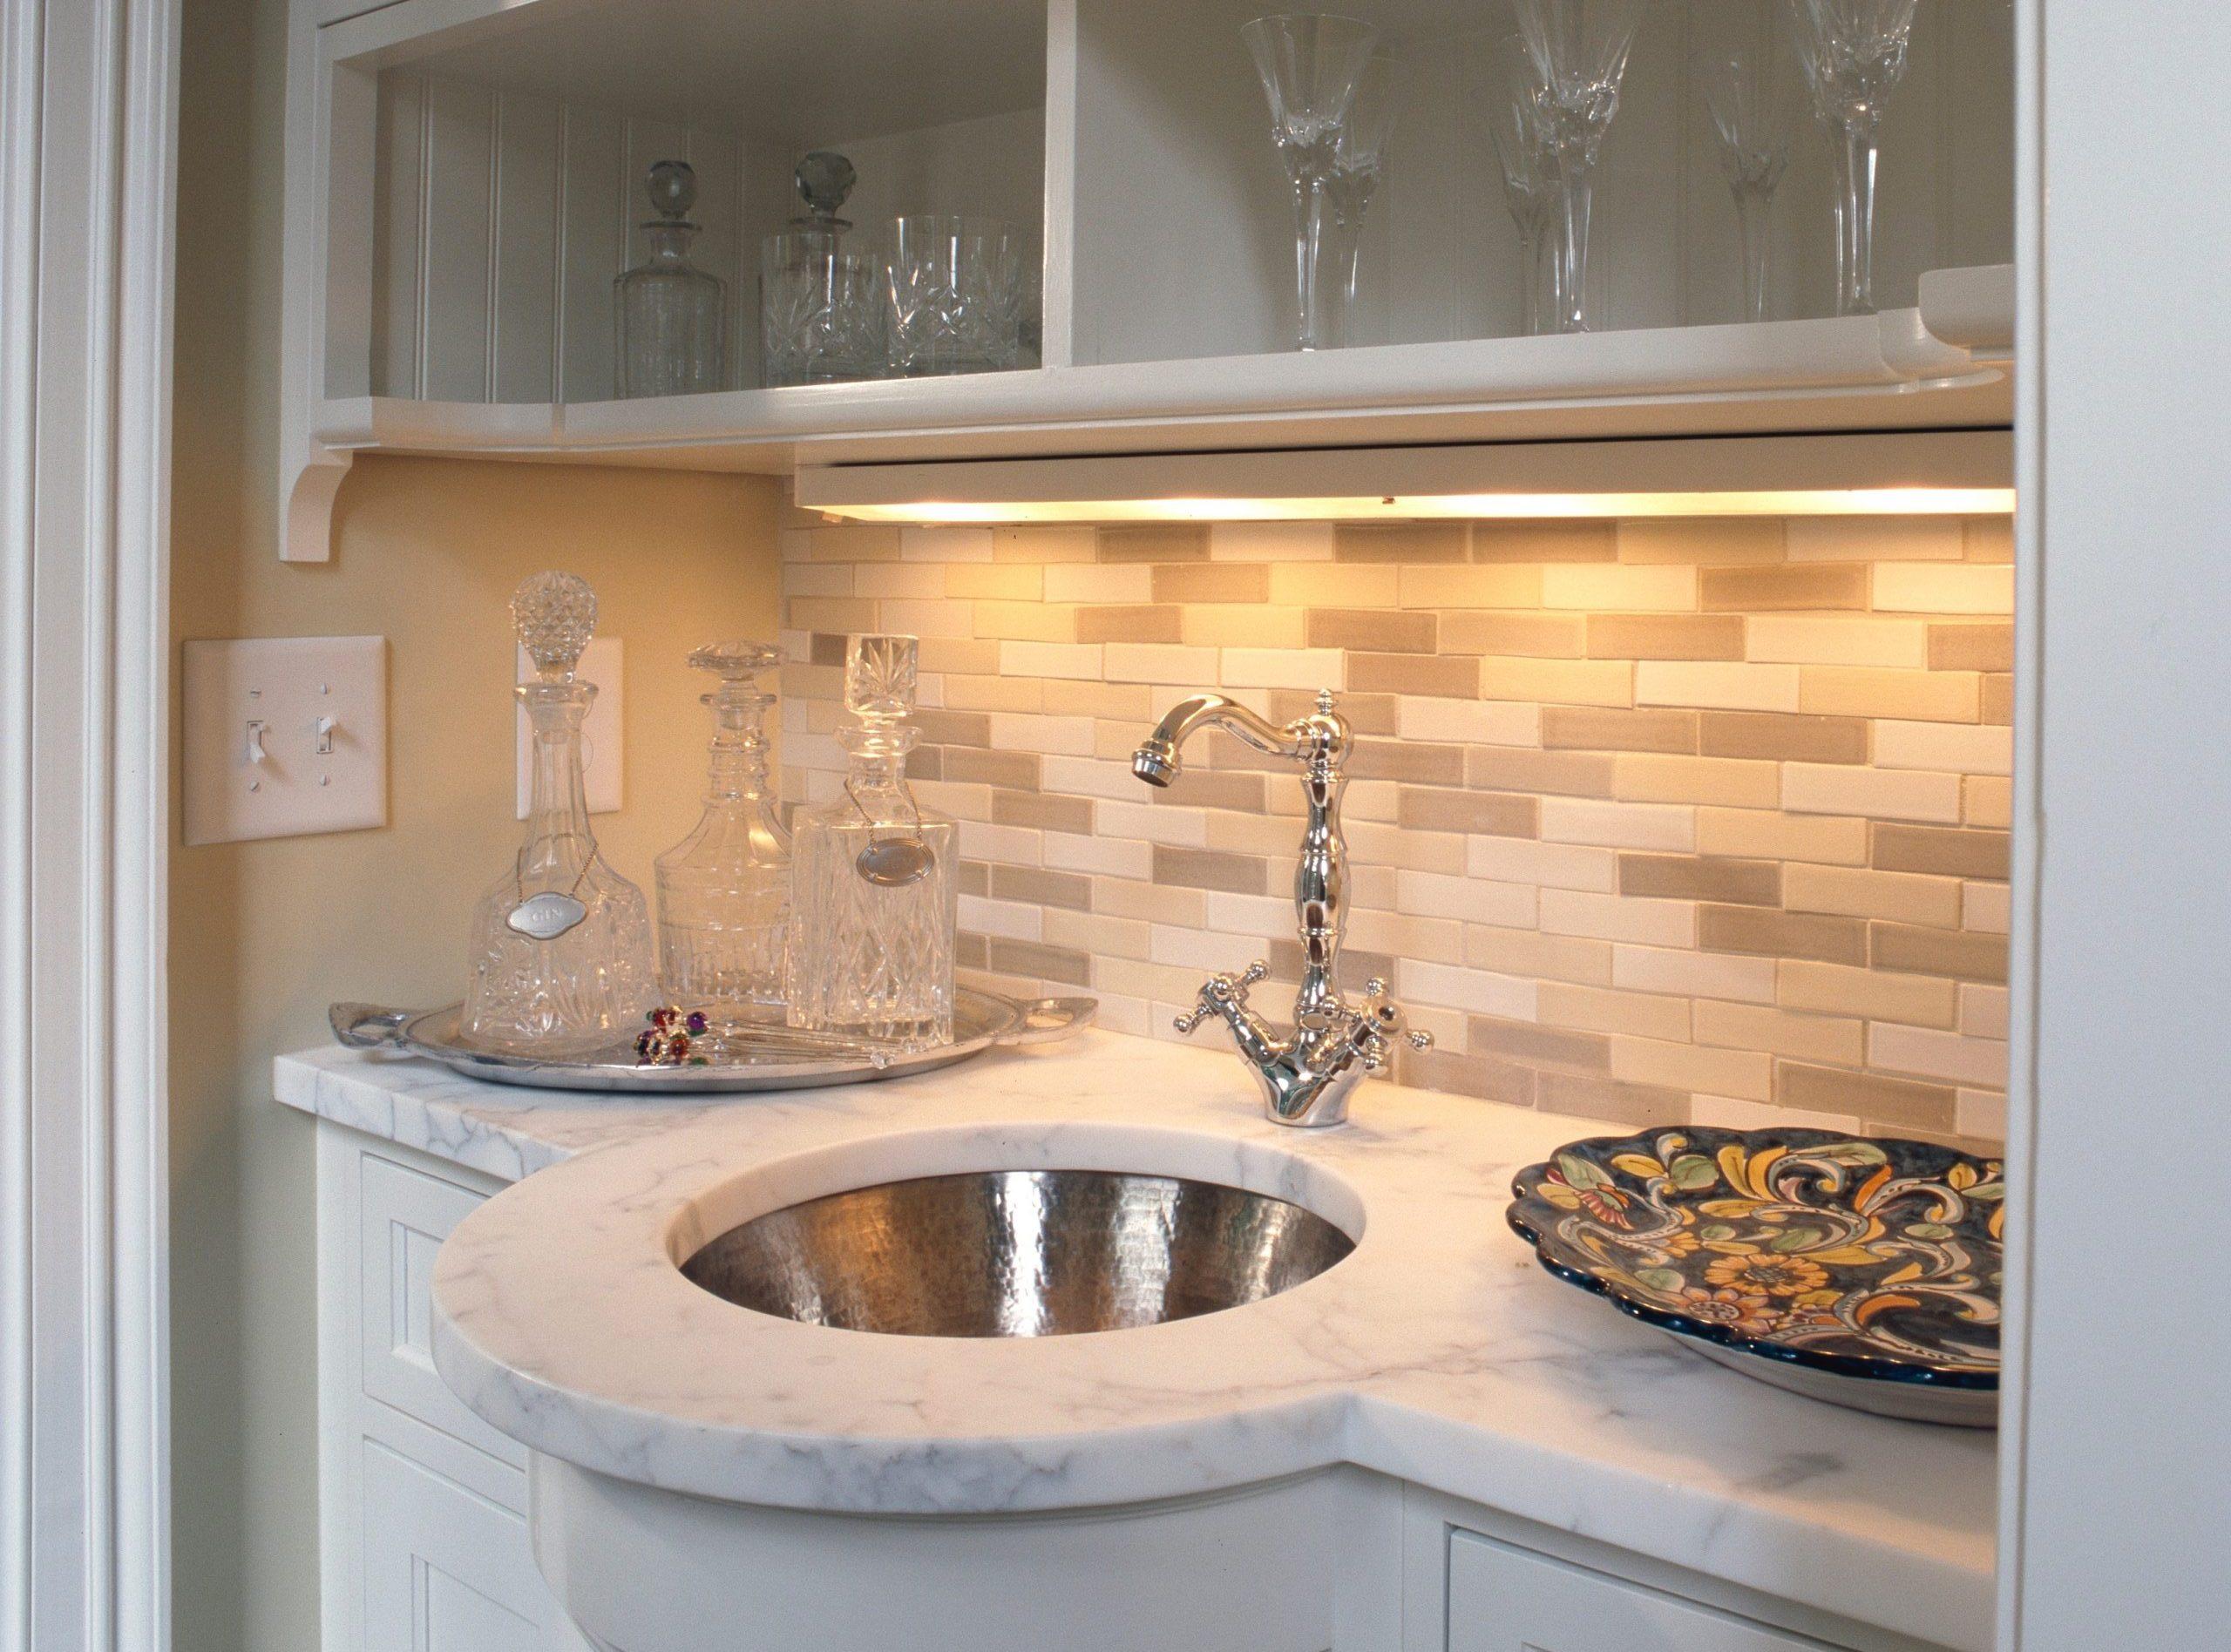 11 M kitchen butler's pantry horizontal